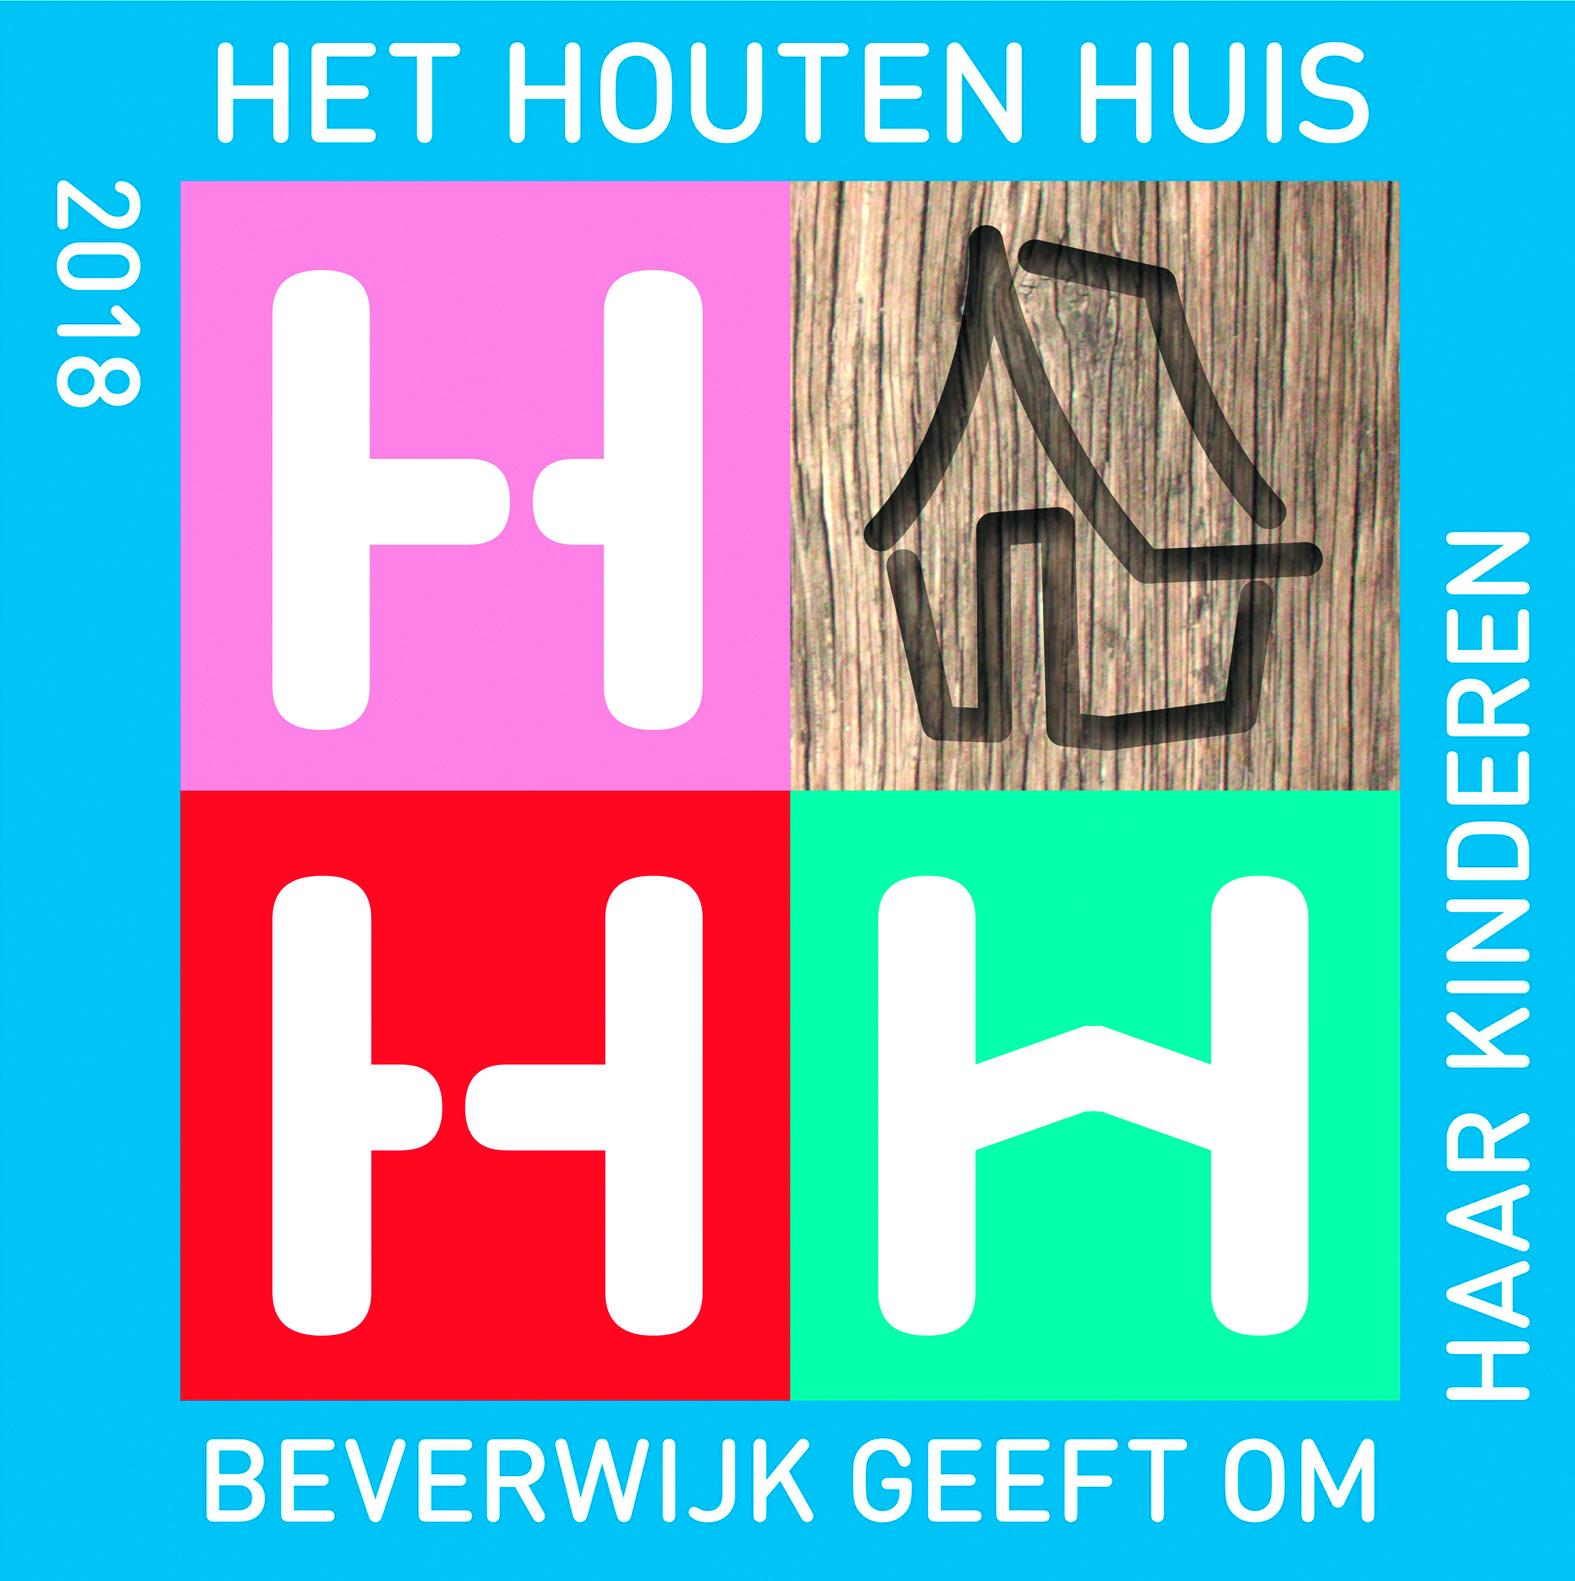 Het logo van de actie 'Het Houten Huis' is een ontwerp van Henk Tijbosch.